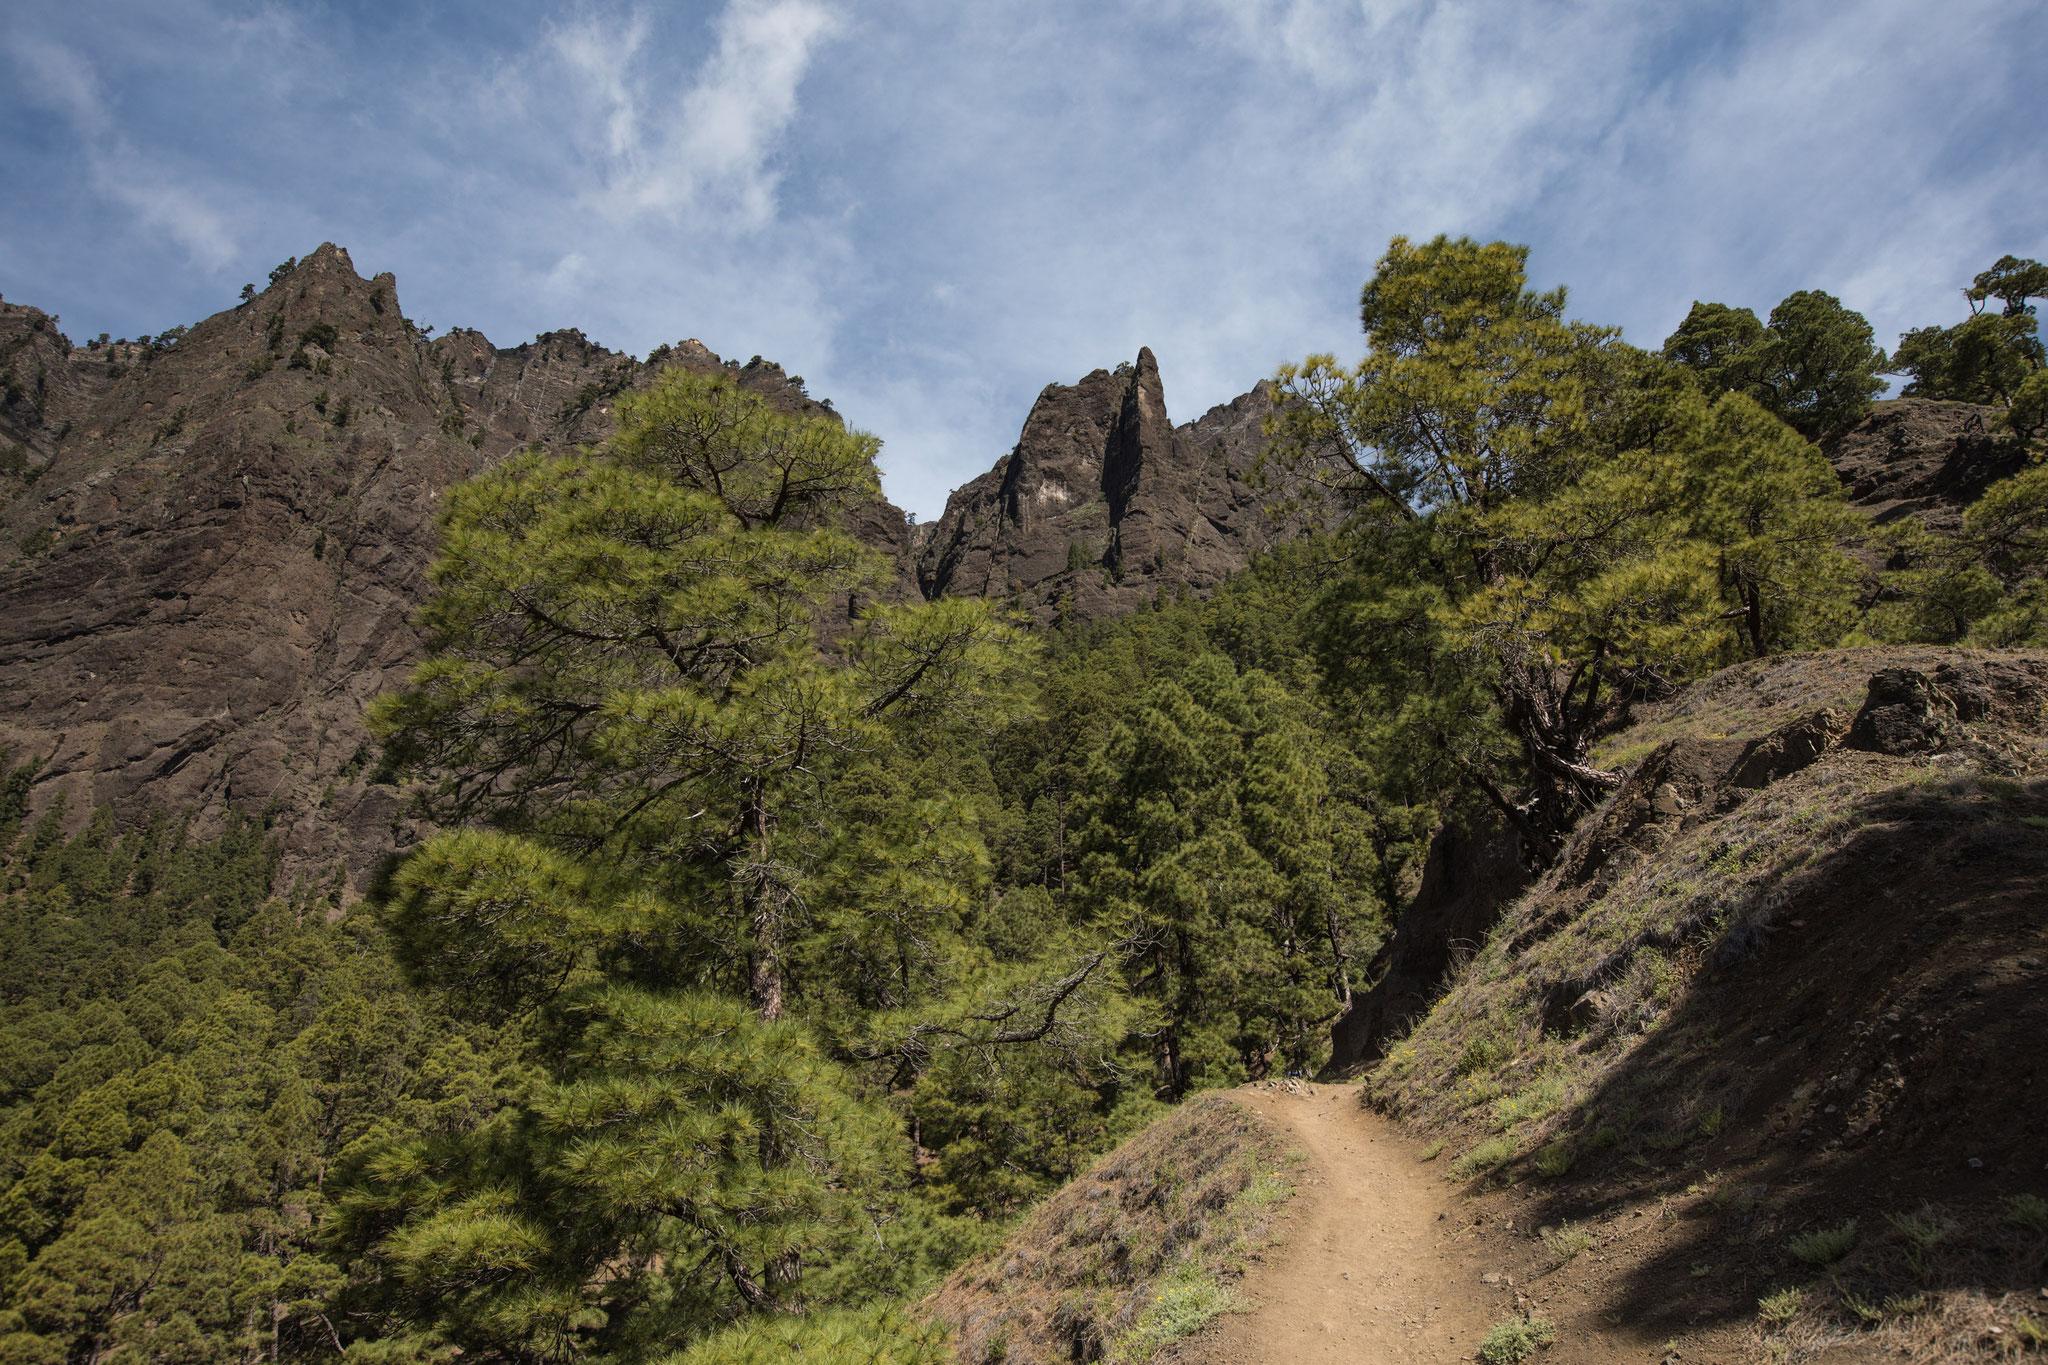 Wanderung vom Mirador Los Brecios in den Barranco de las Angustias